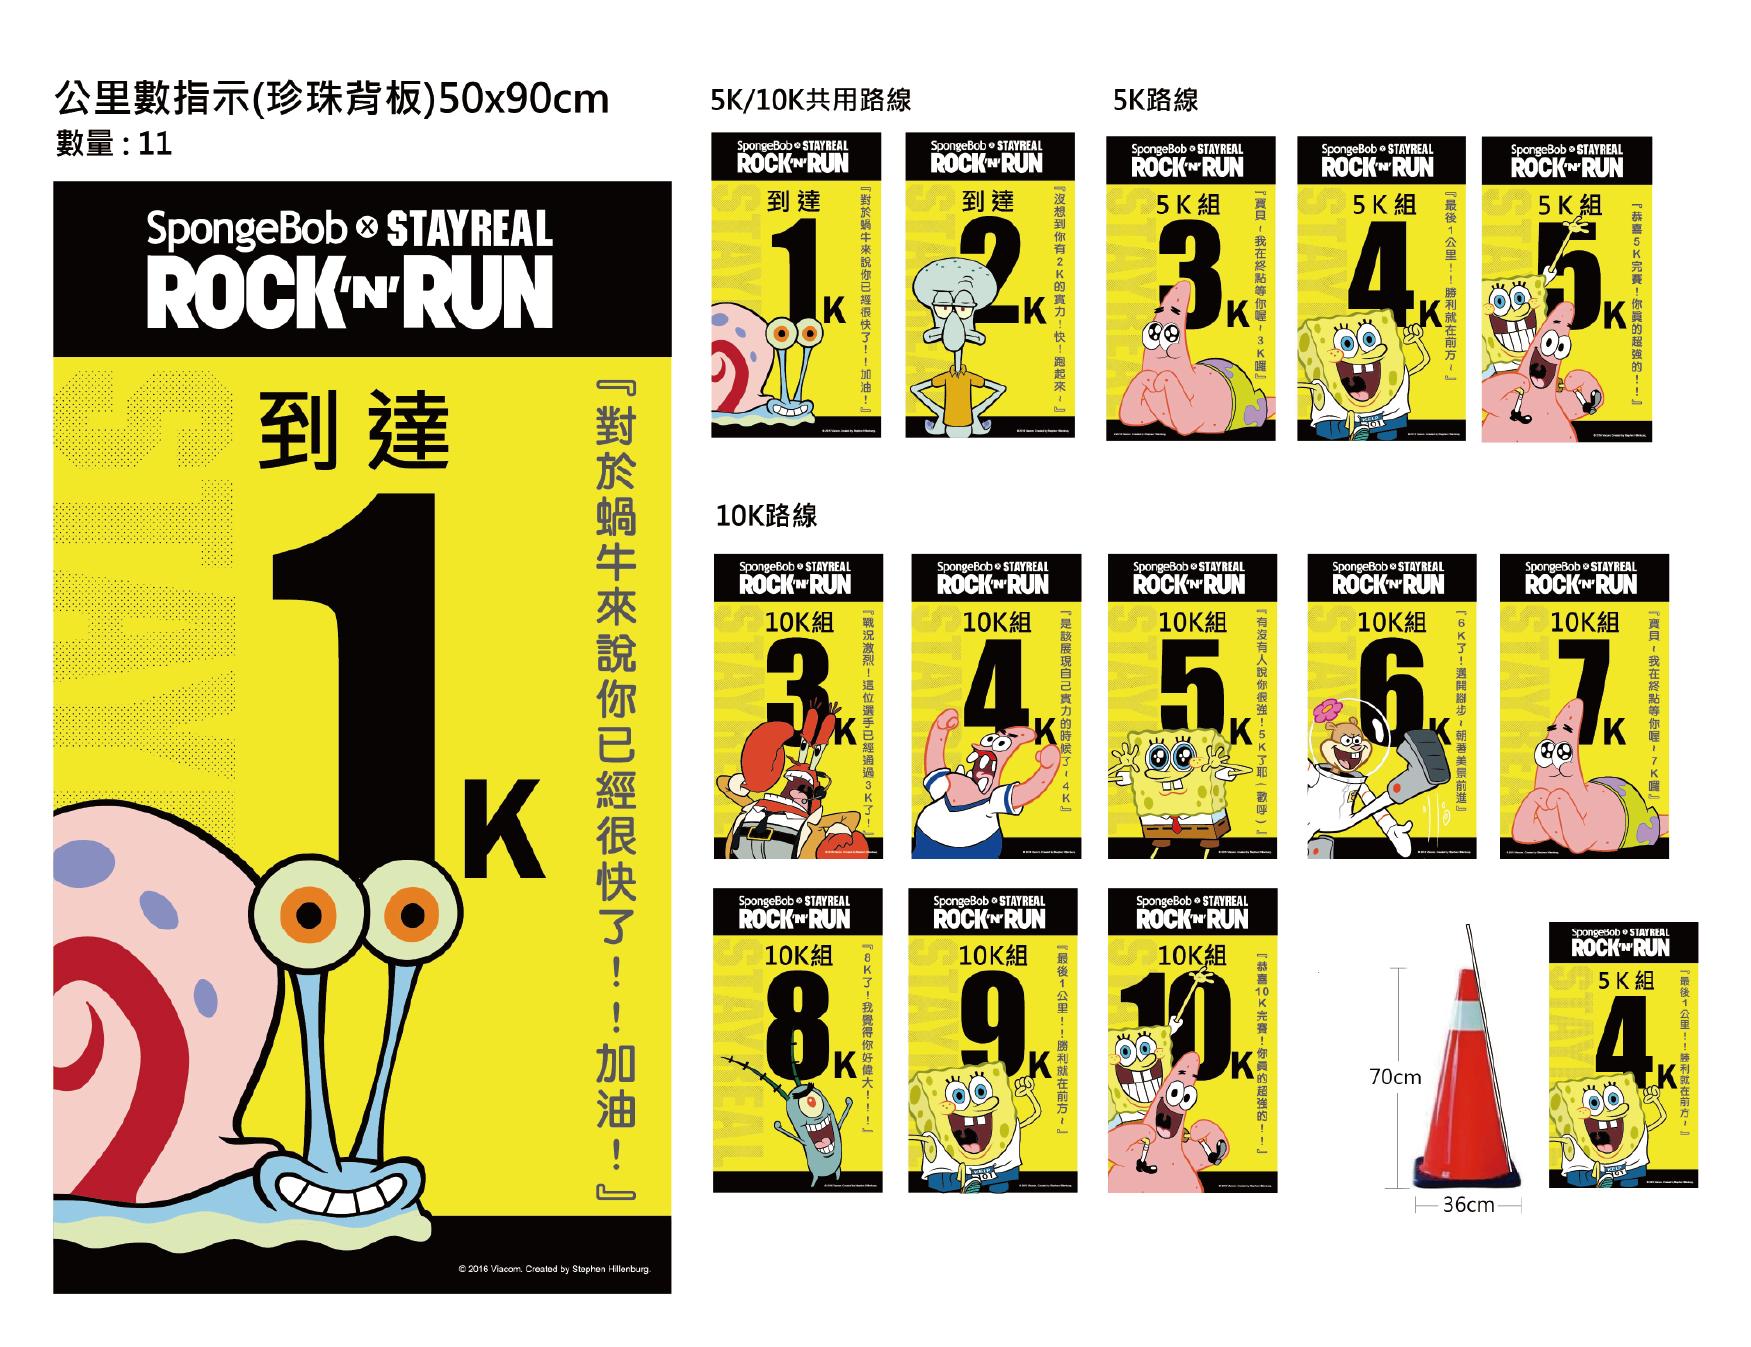 路跑公里數指示牌設計